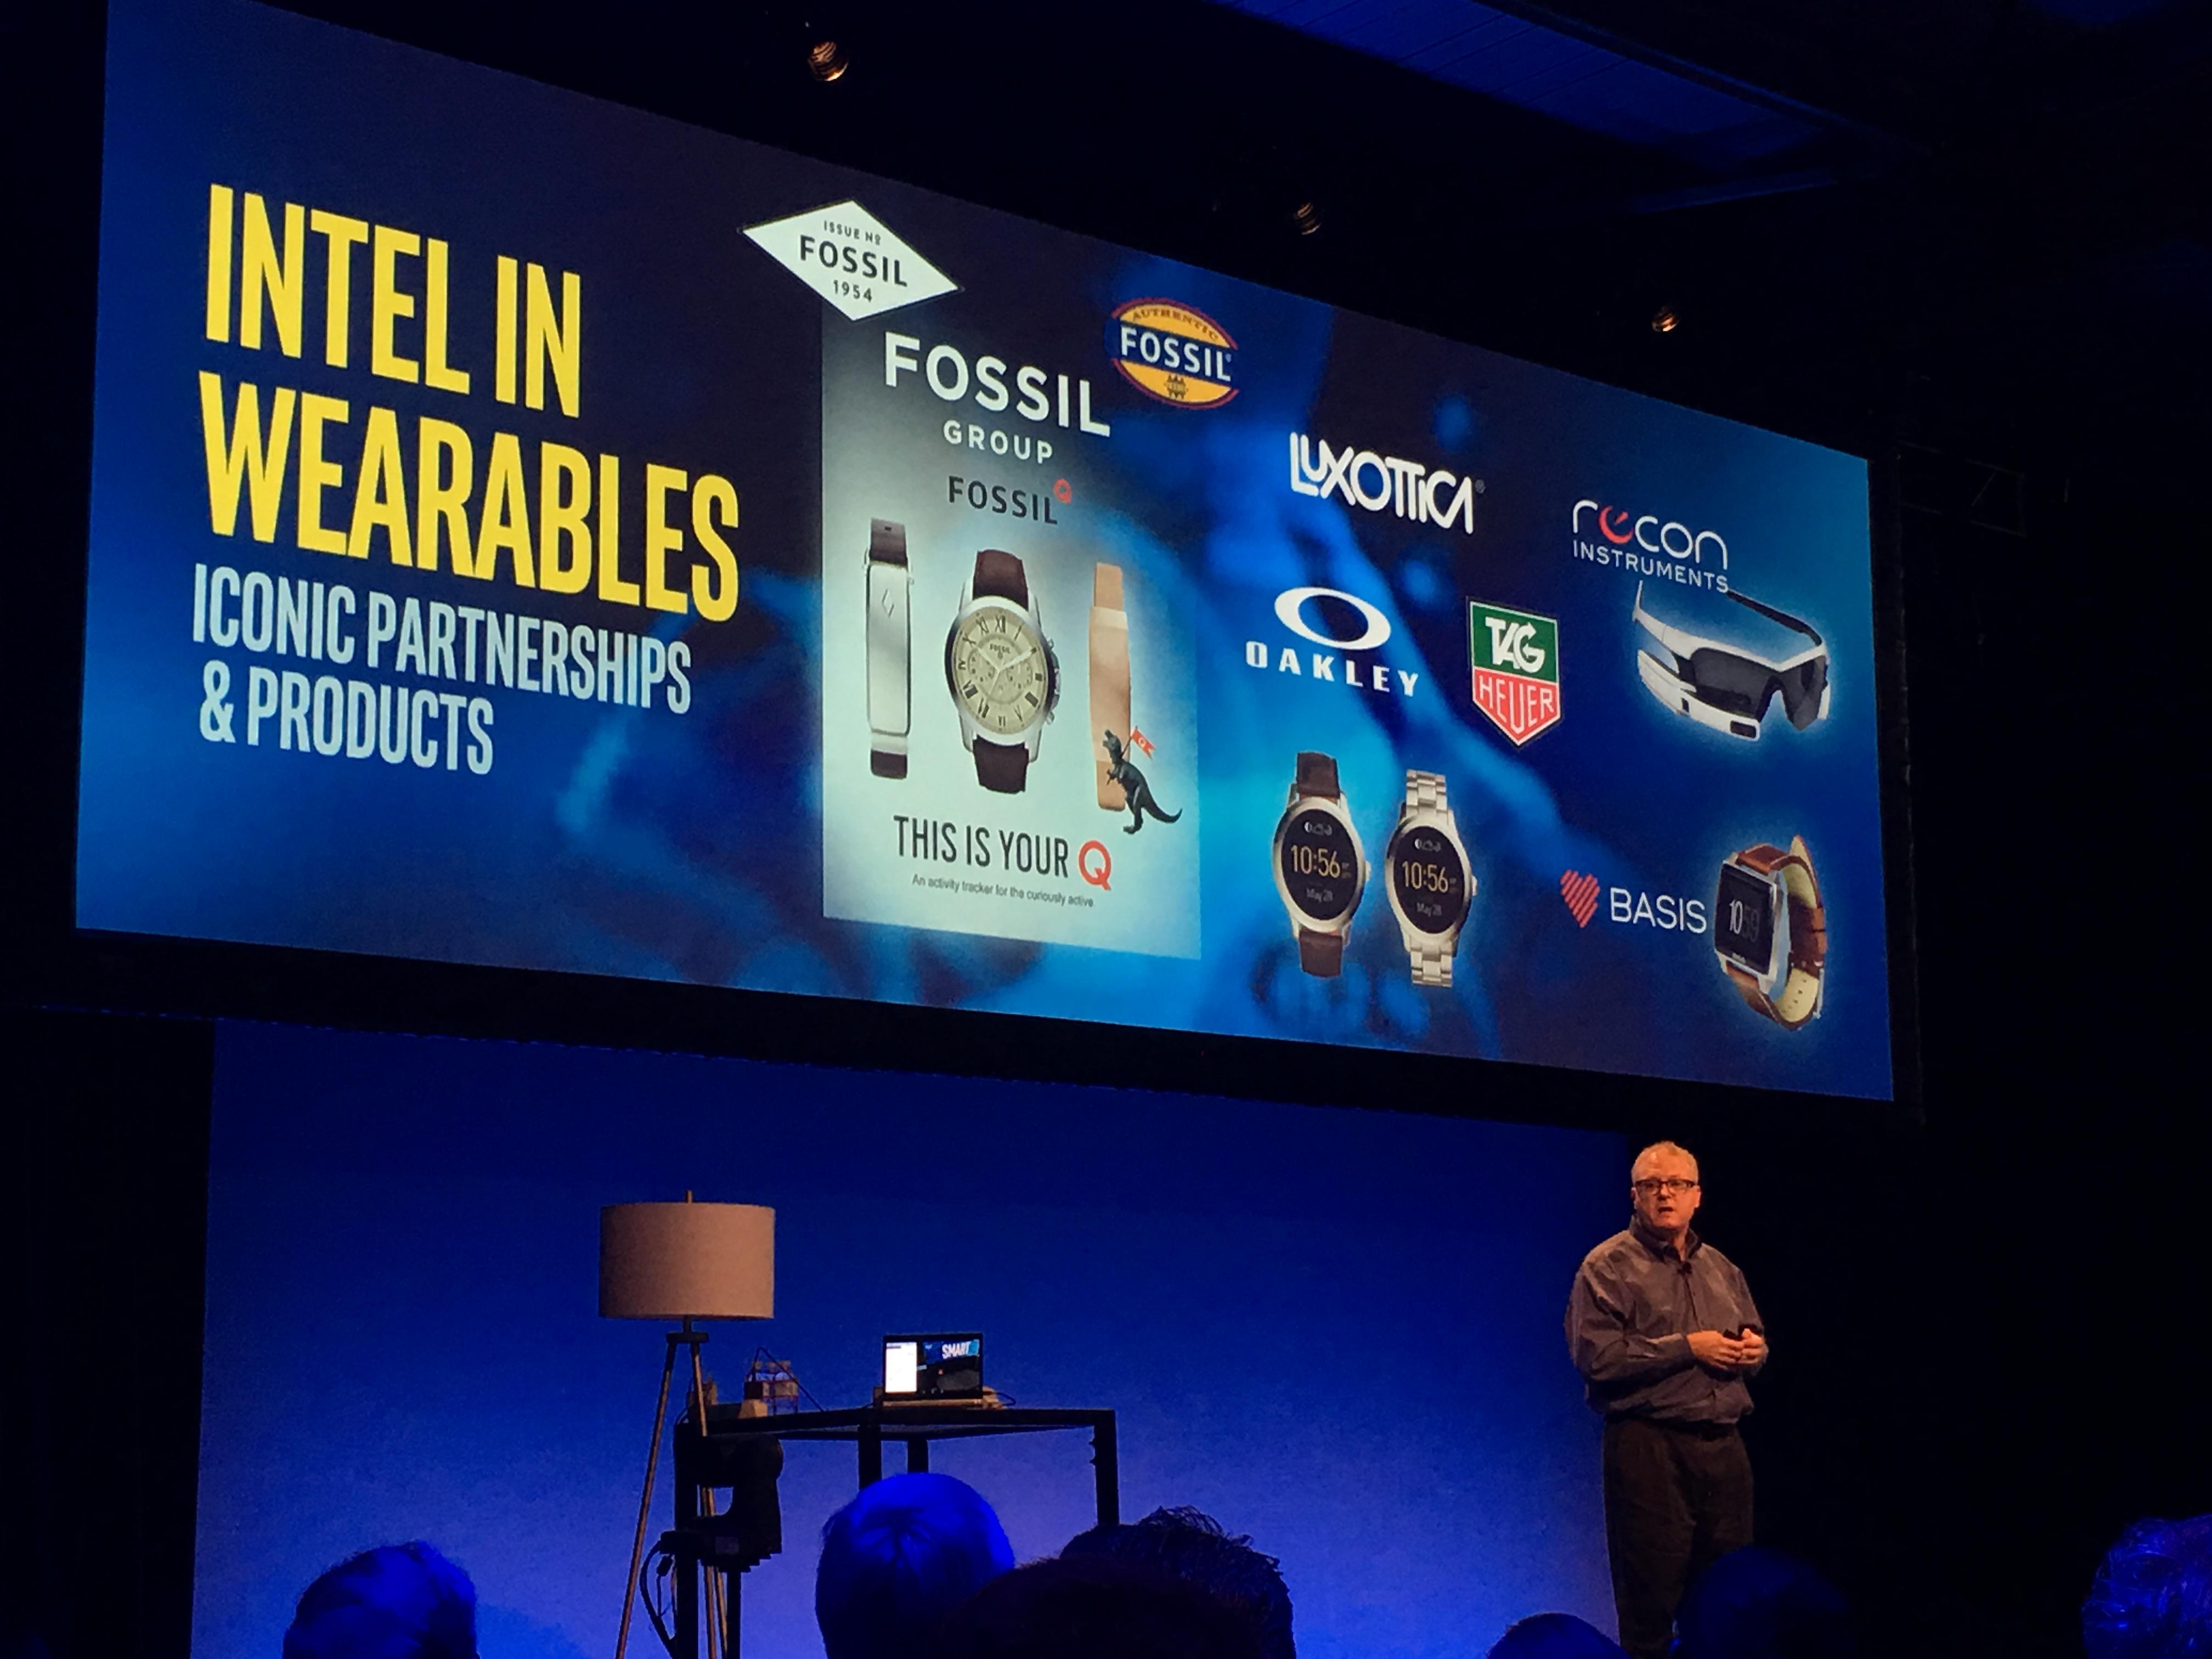 Intel leverer brikker til en rekke dingser, inkludert smartklokker. Du husker kanskje at Tag-Heuer har annonsert at de kommer med en smartklokke. Den bruker Intels brikker, og skal vises tidlig neste uke.